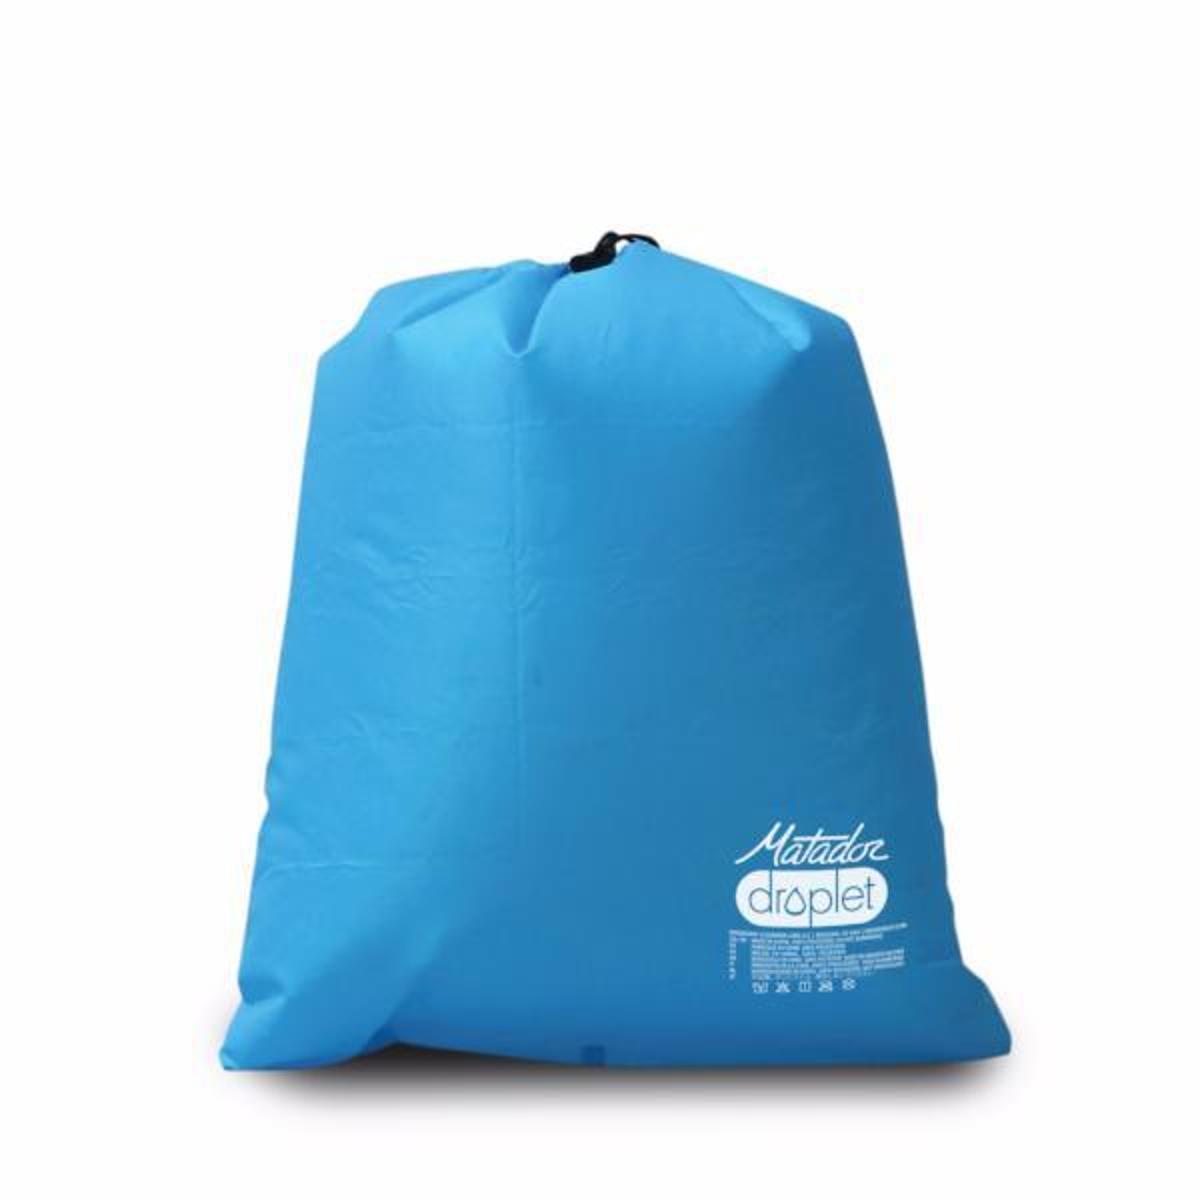 手のひらサイズになる大容量バッグ|Sサイズ | 濡らしたくないもの・濡れたものを入れられる、指先サイズになる《完全防水》巾着バッグ | Matador DROPLET WET/DRY BAG